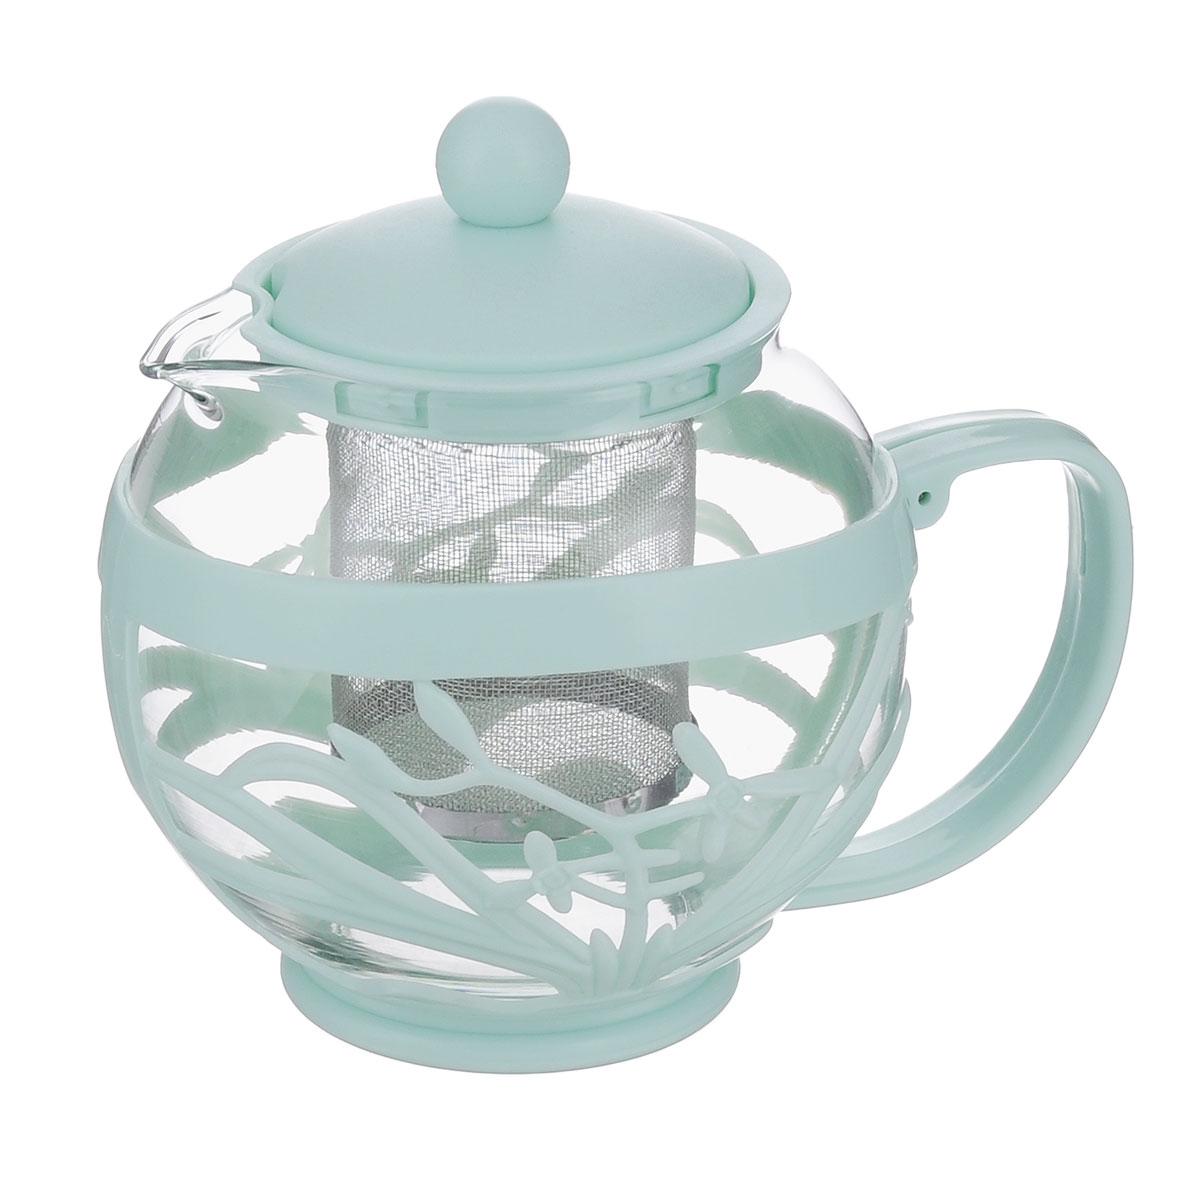 Чайник заварочный Menu Мелисса, с фильтром, цвет: прозрачный, мятный, 750 млMLS-75_мятныйЧайник Menu Мелисса изготовлен из прочного стекла и пластика. Он прекрасно подойдет для заваривания чая и травяных напитков. Классический стиль и оптимальный объем делают его удобным и оригинальным аксессуаром. Изделие имеет удлиненный металлический фильтр, который обеспечивает высокое качество фильтрации напитка и позволяет заварить чай даже при небольшом уровне воды. Ручка чайника не нагревается и обеспечивает безопасность использования. Нельзя мыть в посудомоечной машине. Диаметр чайника (по верхнему краю): 8 см.Высота чайника (без учета крышки): 11 см.Размер фильтра: 6 х 6 х 7,2 см.